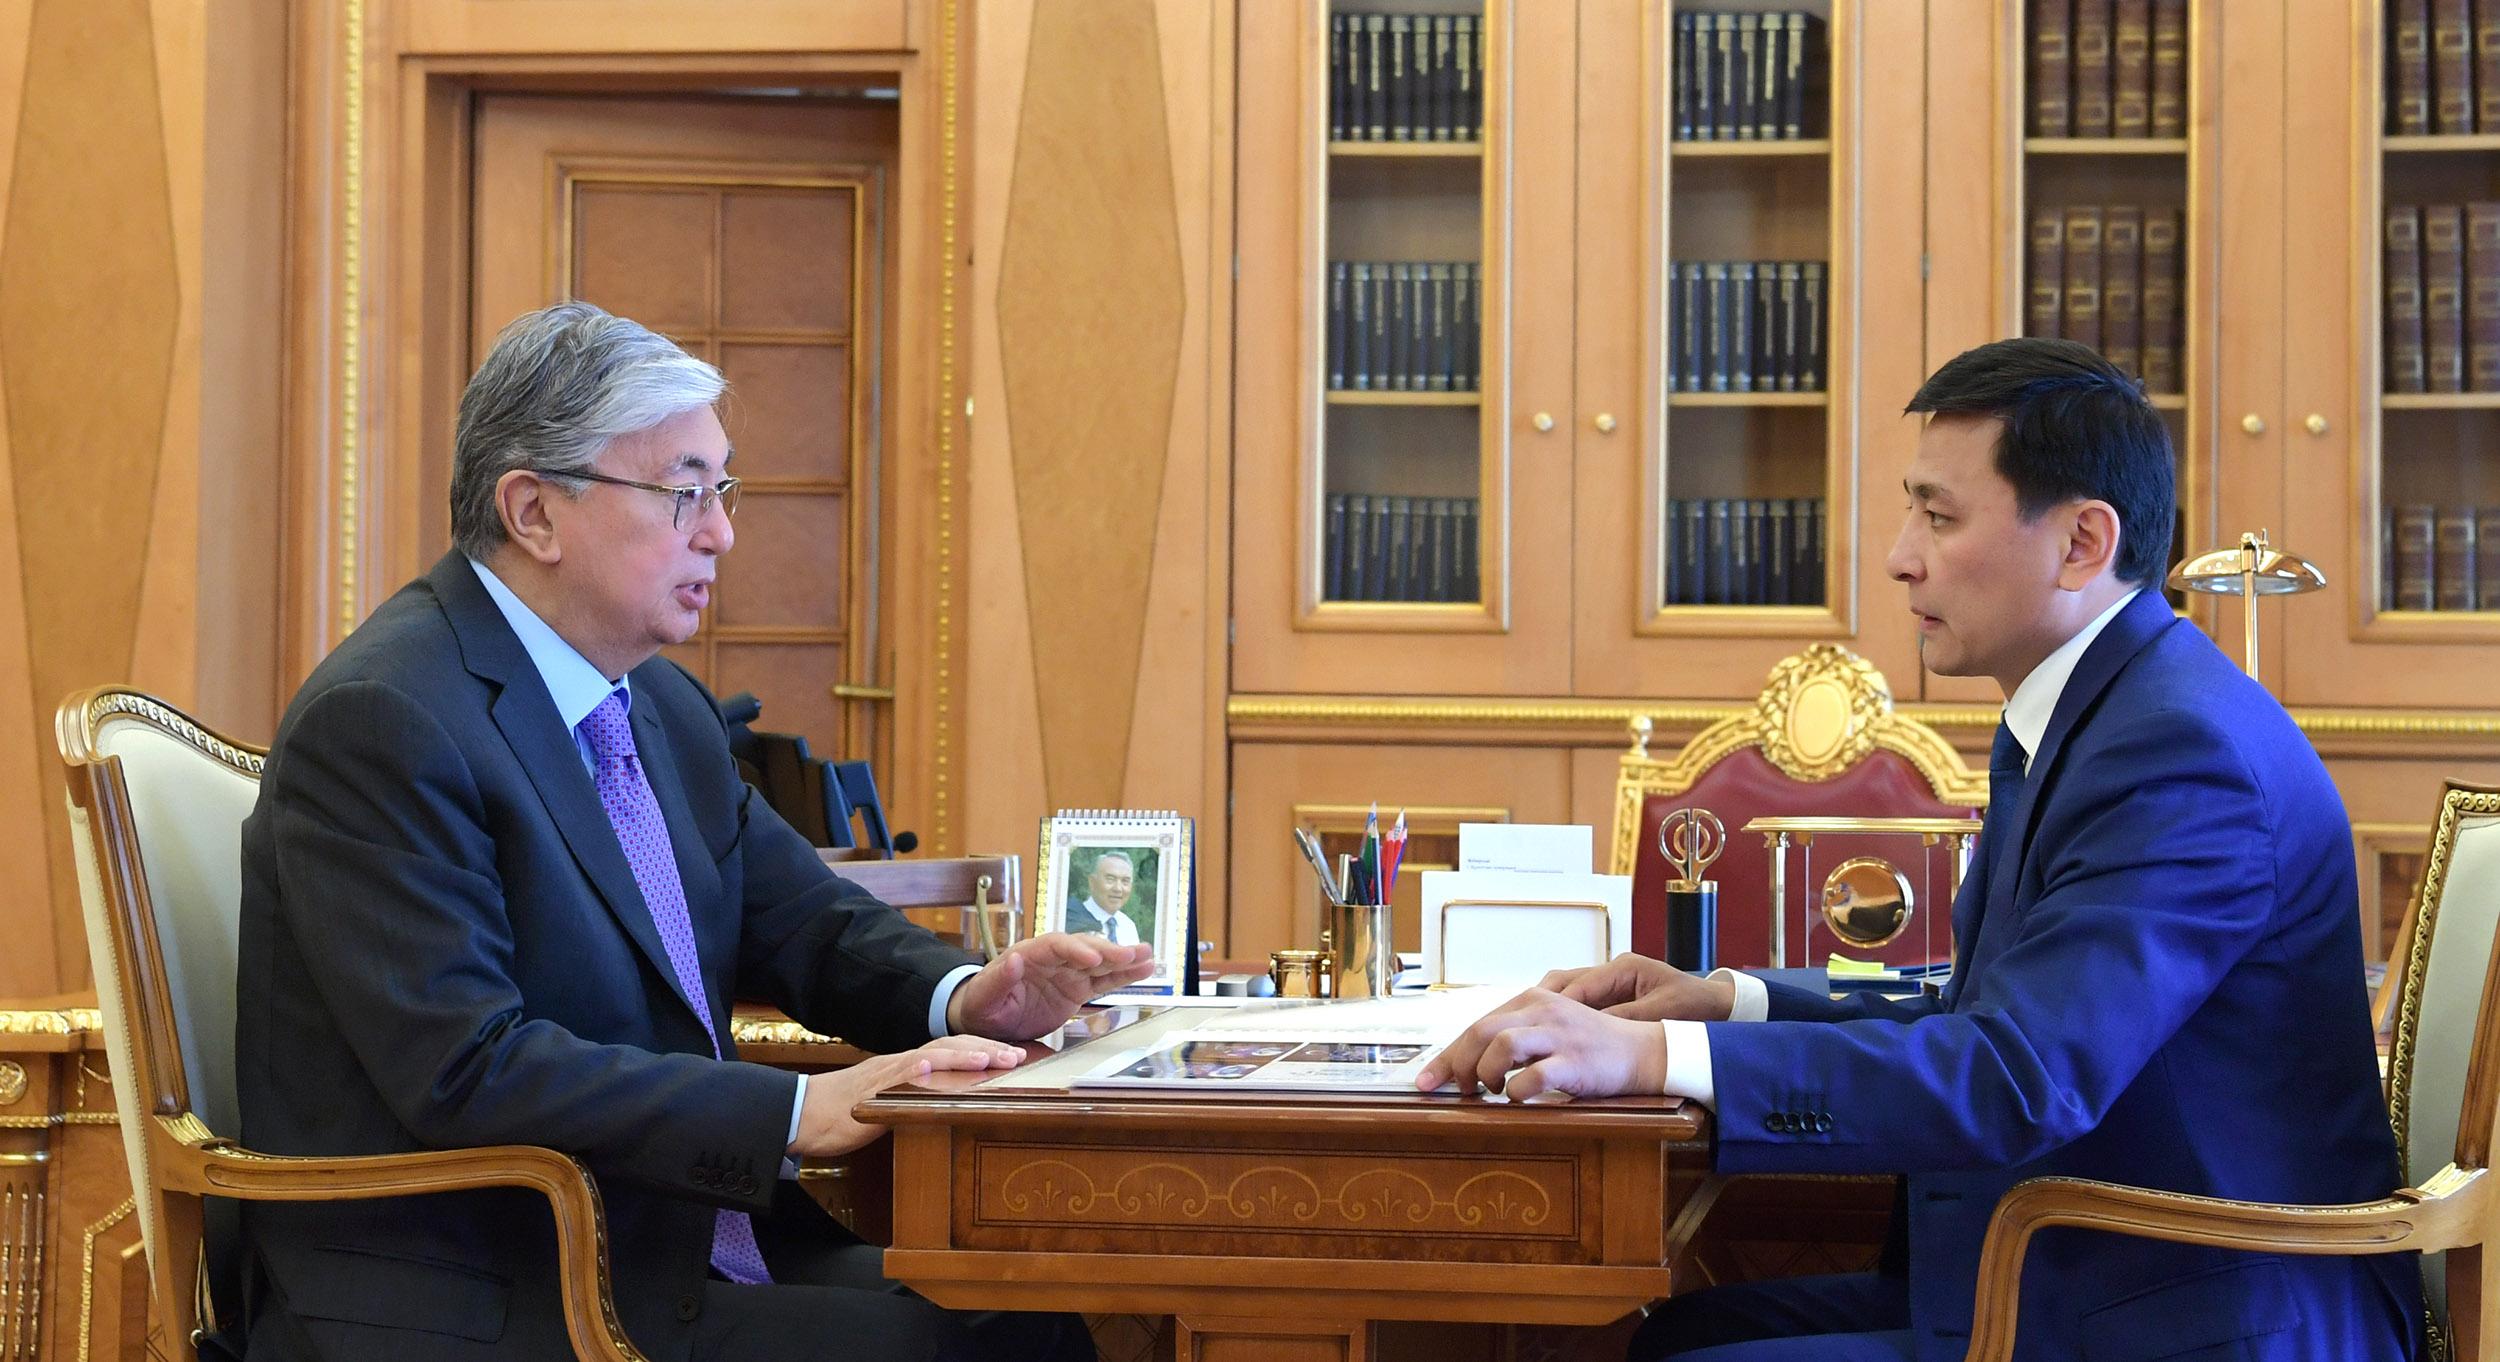 АНК проводит важную работу по консолидации нашего общества – Касым-Жомарт Токаев